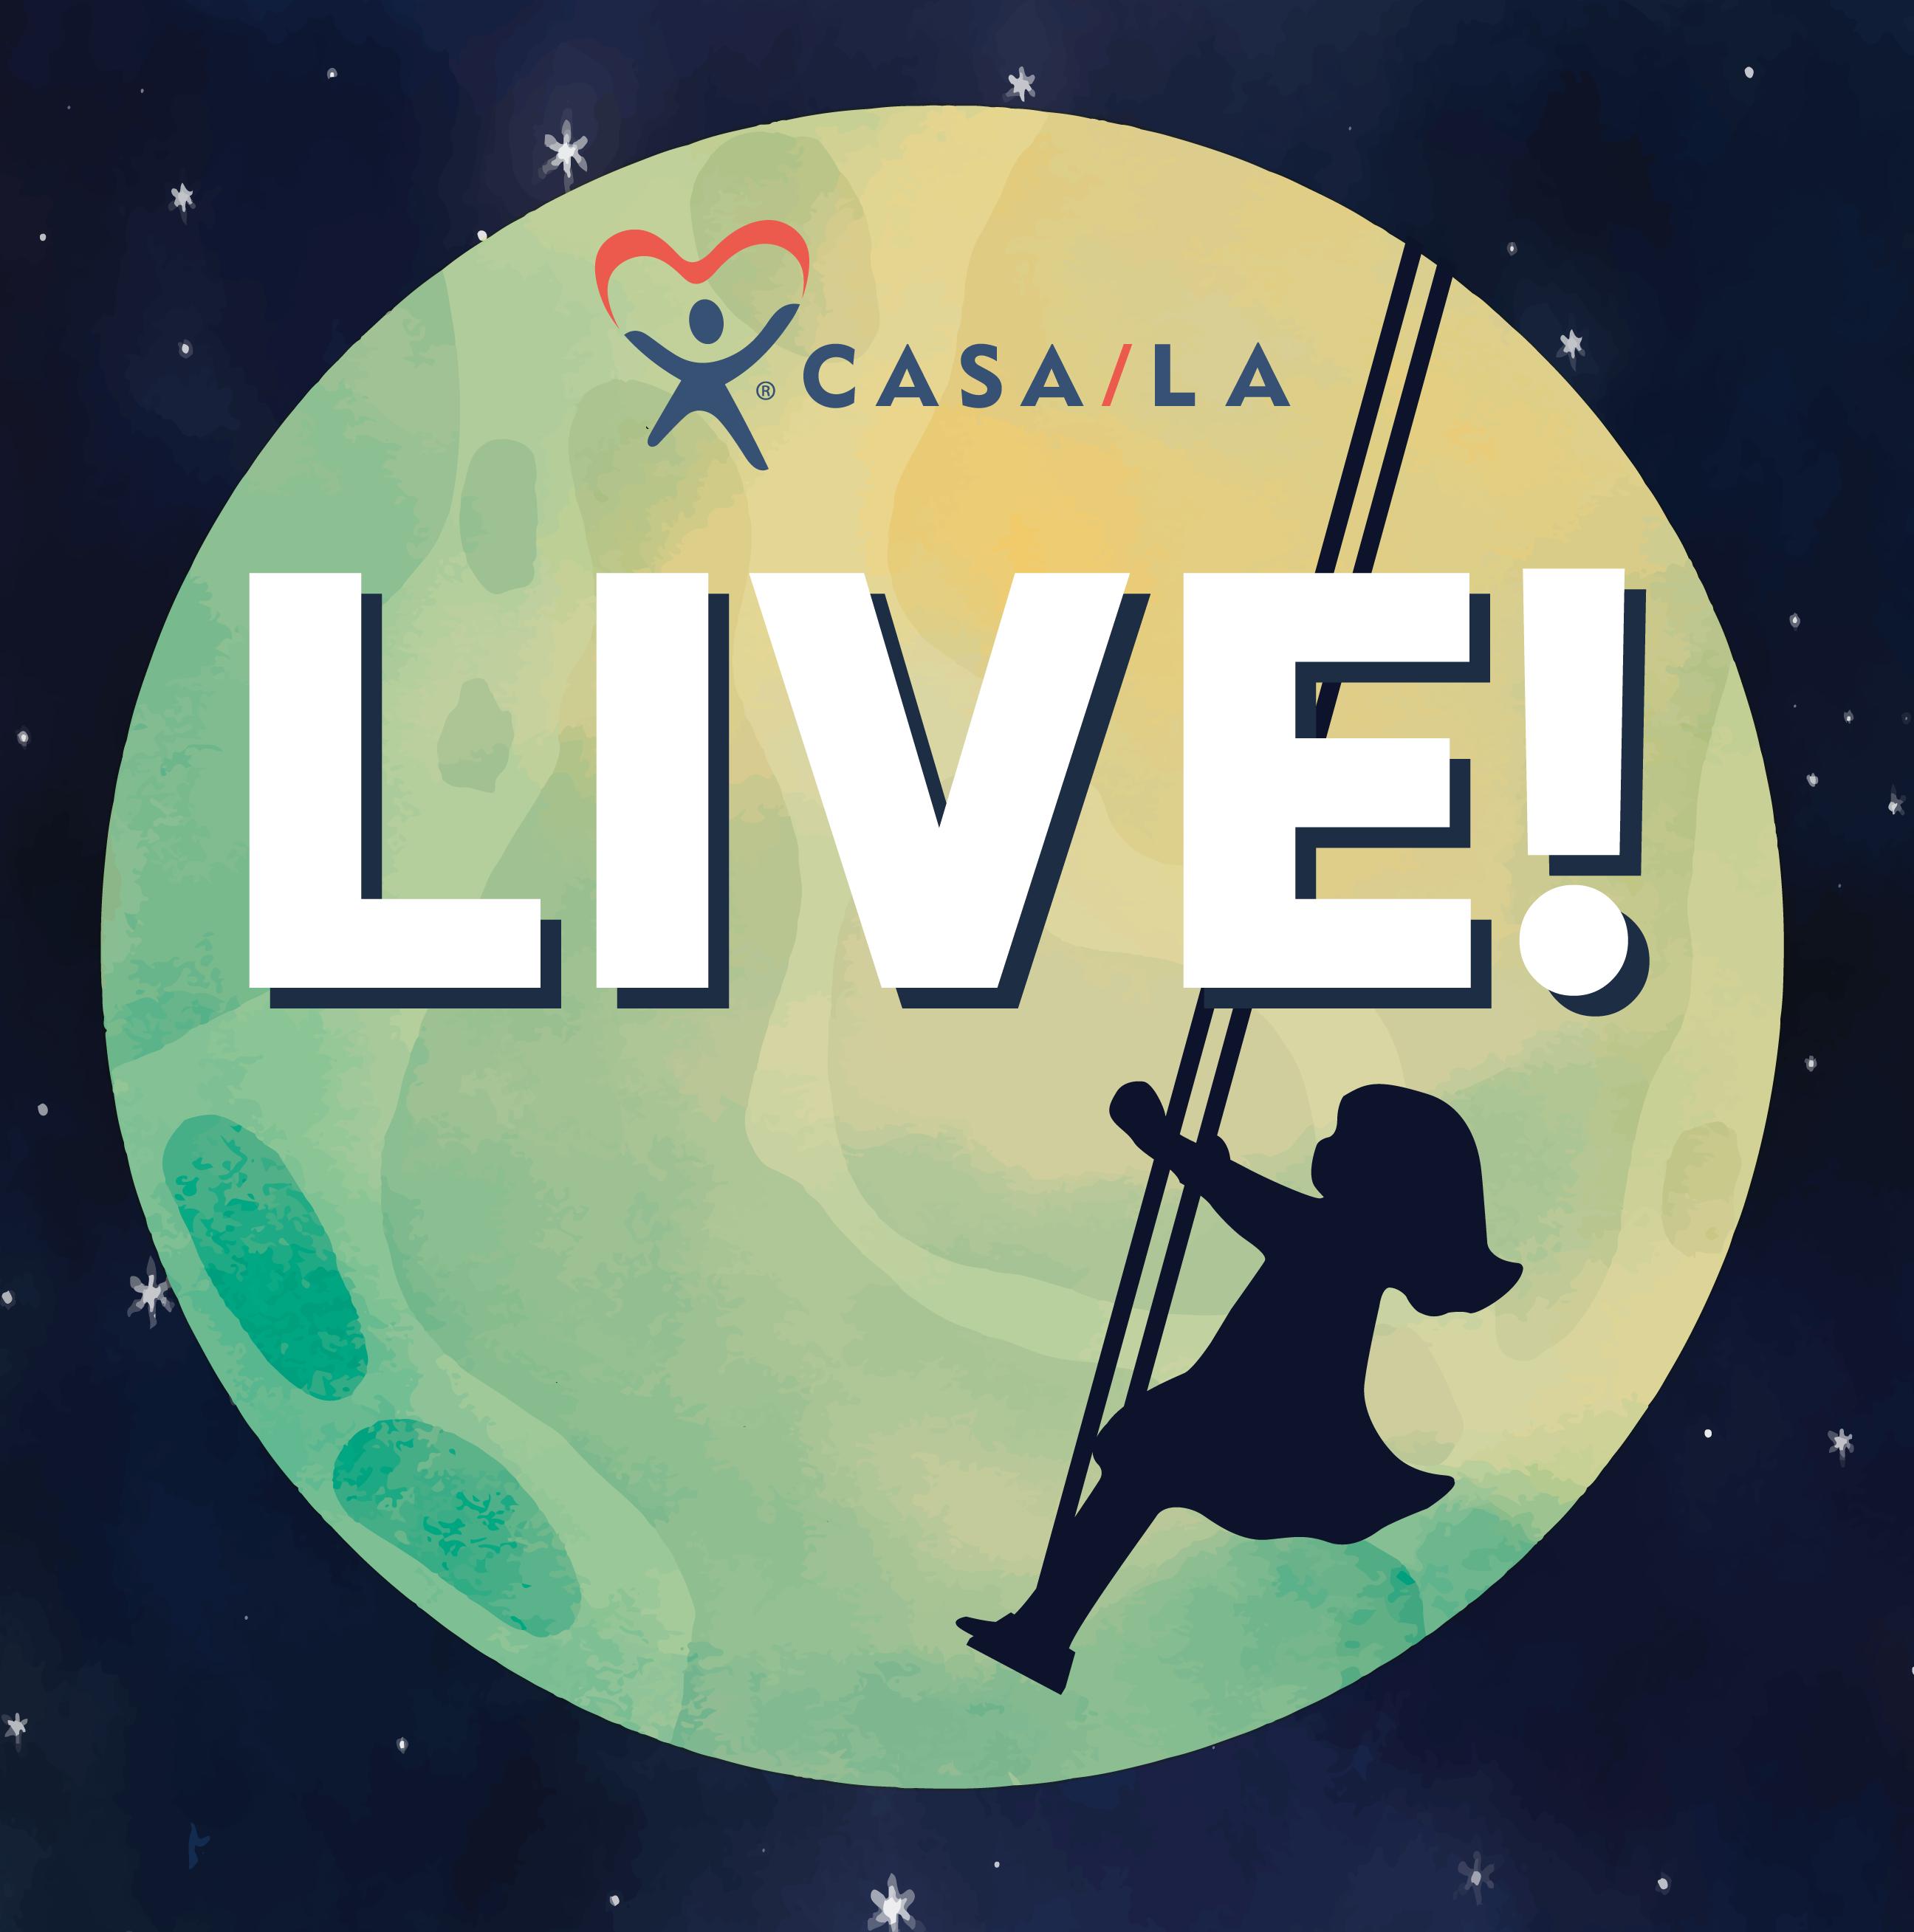 CASA/LA Live!